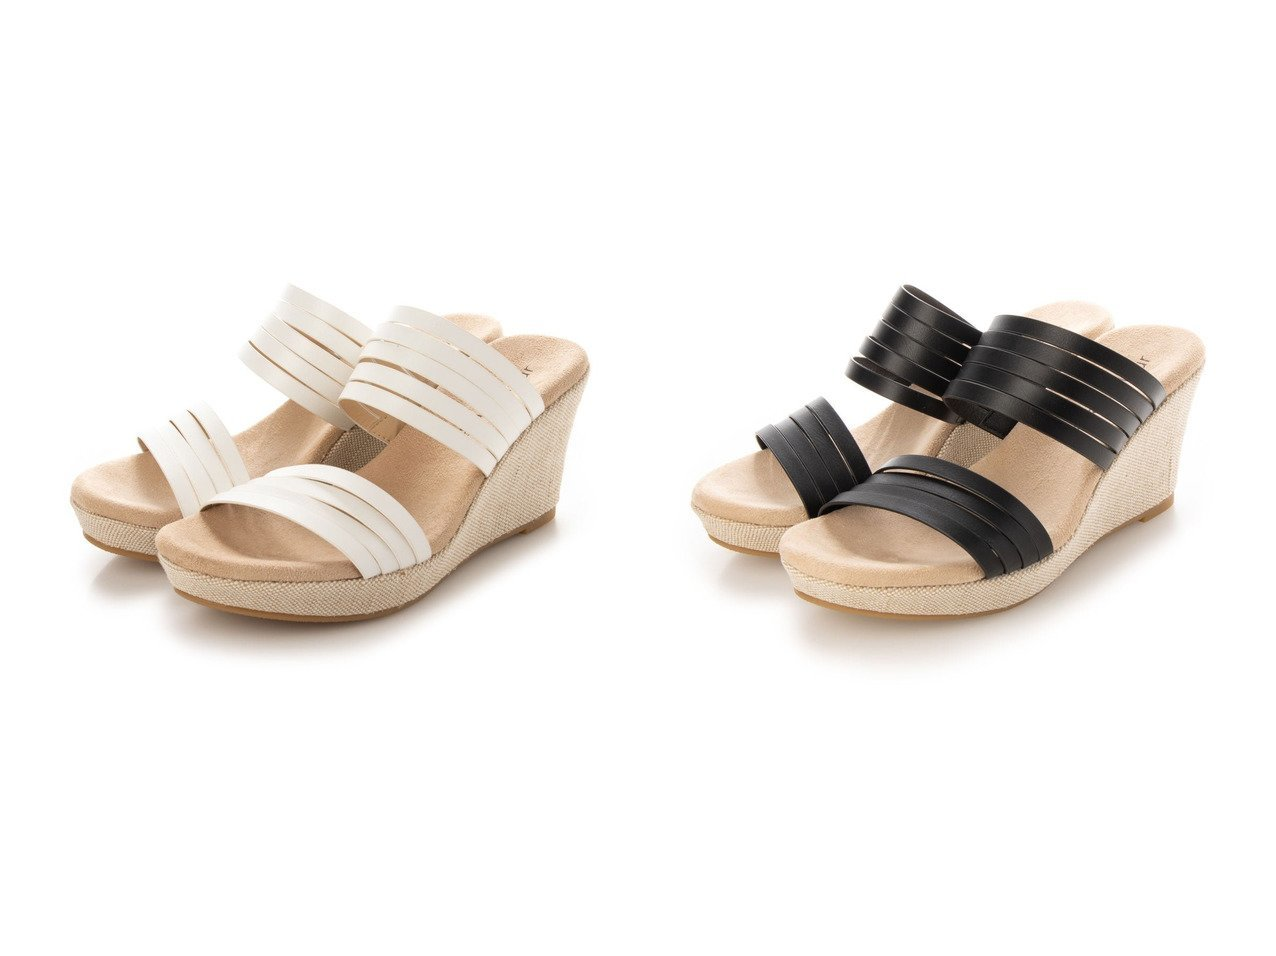 【grandfleur/グランドフルール】のダブルストラップのウェッジサンダル 【シューズ・靴】おすすめ!人気、トレンド・レディースファッションの通販 おすすめで人気の流行・トレンド、ファッションの通販商品 インテリア・家具・メンズファッション・キッズファッション・レディースファッション・服の通販 founy(ファニー) https://founy.com/ ファッション Fashion レディースファッション WOMEN NEW・新作・新着・新入荷 New Arrivals 2021年 2021 2021春夏・S/S SS/Spring/Summer/2021 S/S・春夏 SS・Spring/Summer インソール フィット 春 Spring  ID:crp329100000045180